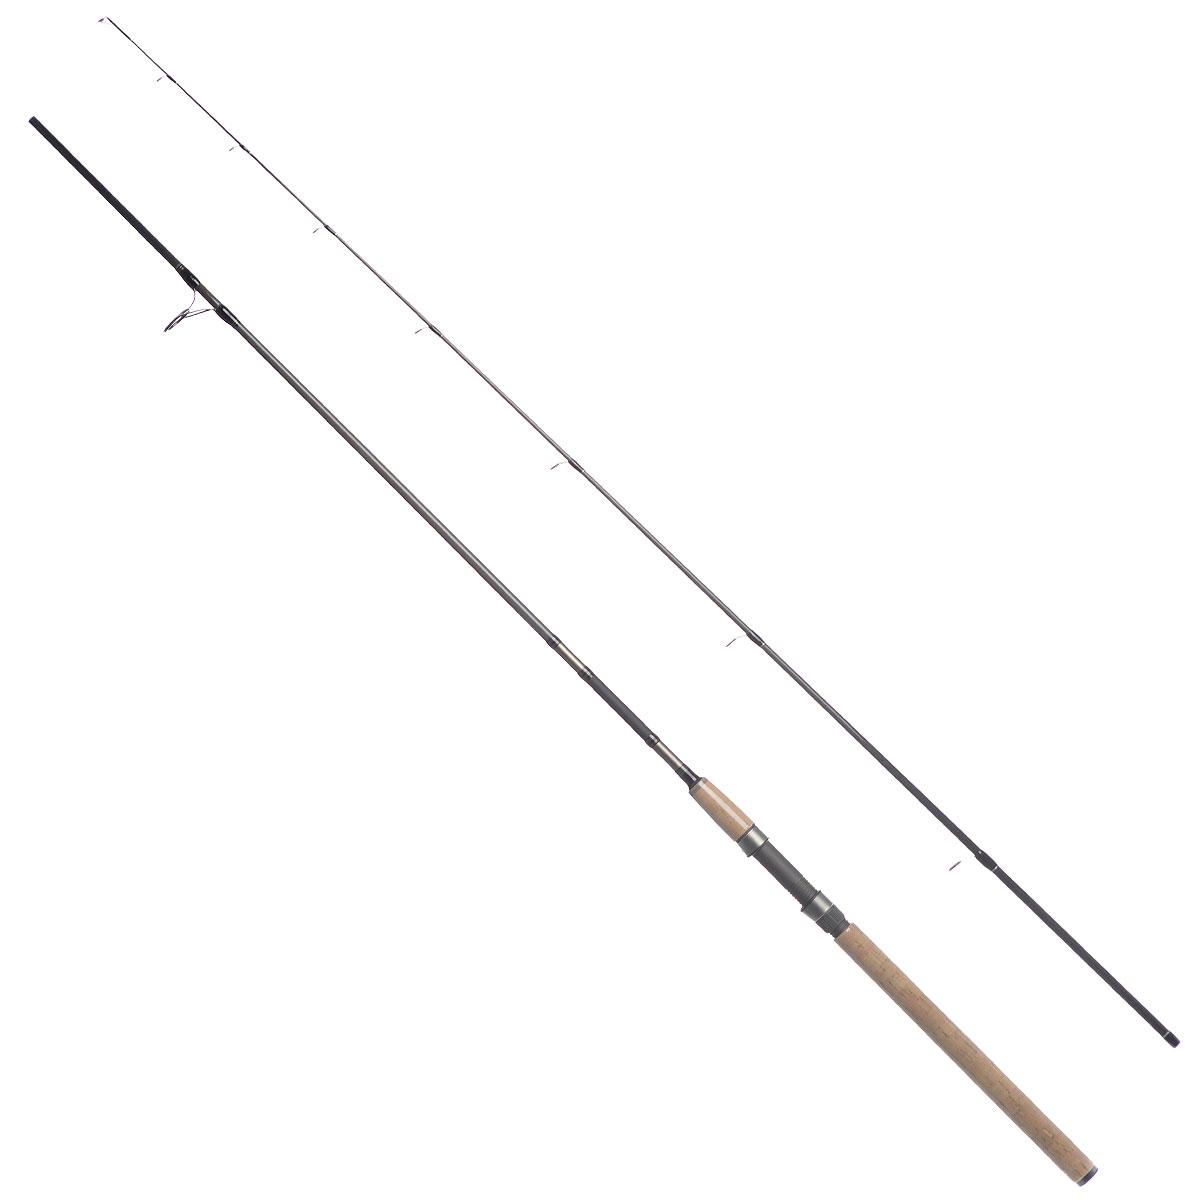 Спиннинг штекерный Daiwa Exceler-RU, 2,59 м, 10-40 г спиннинг штекерный daiwa exceler ru 2 59 м 10 40 г